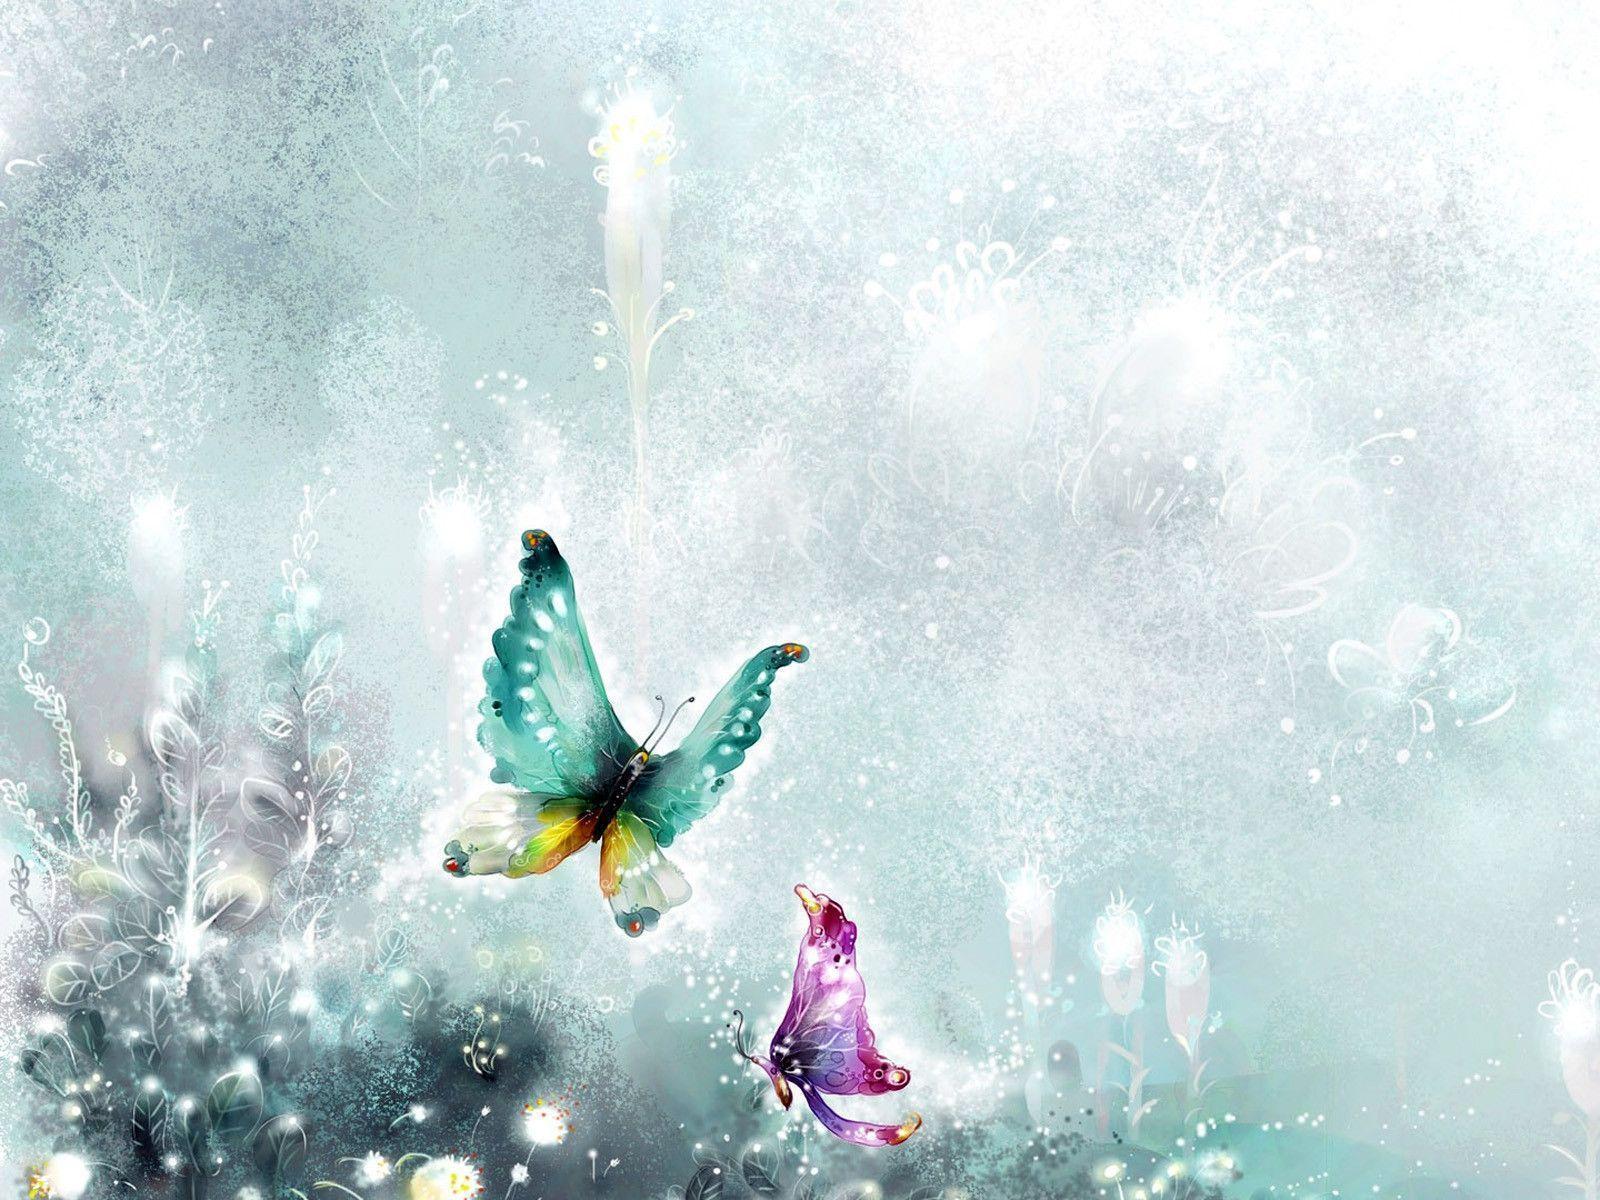 butterfly heaven wallpaper - photo #15